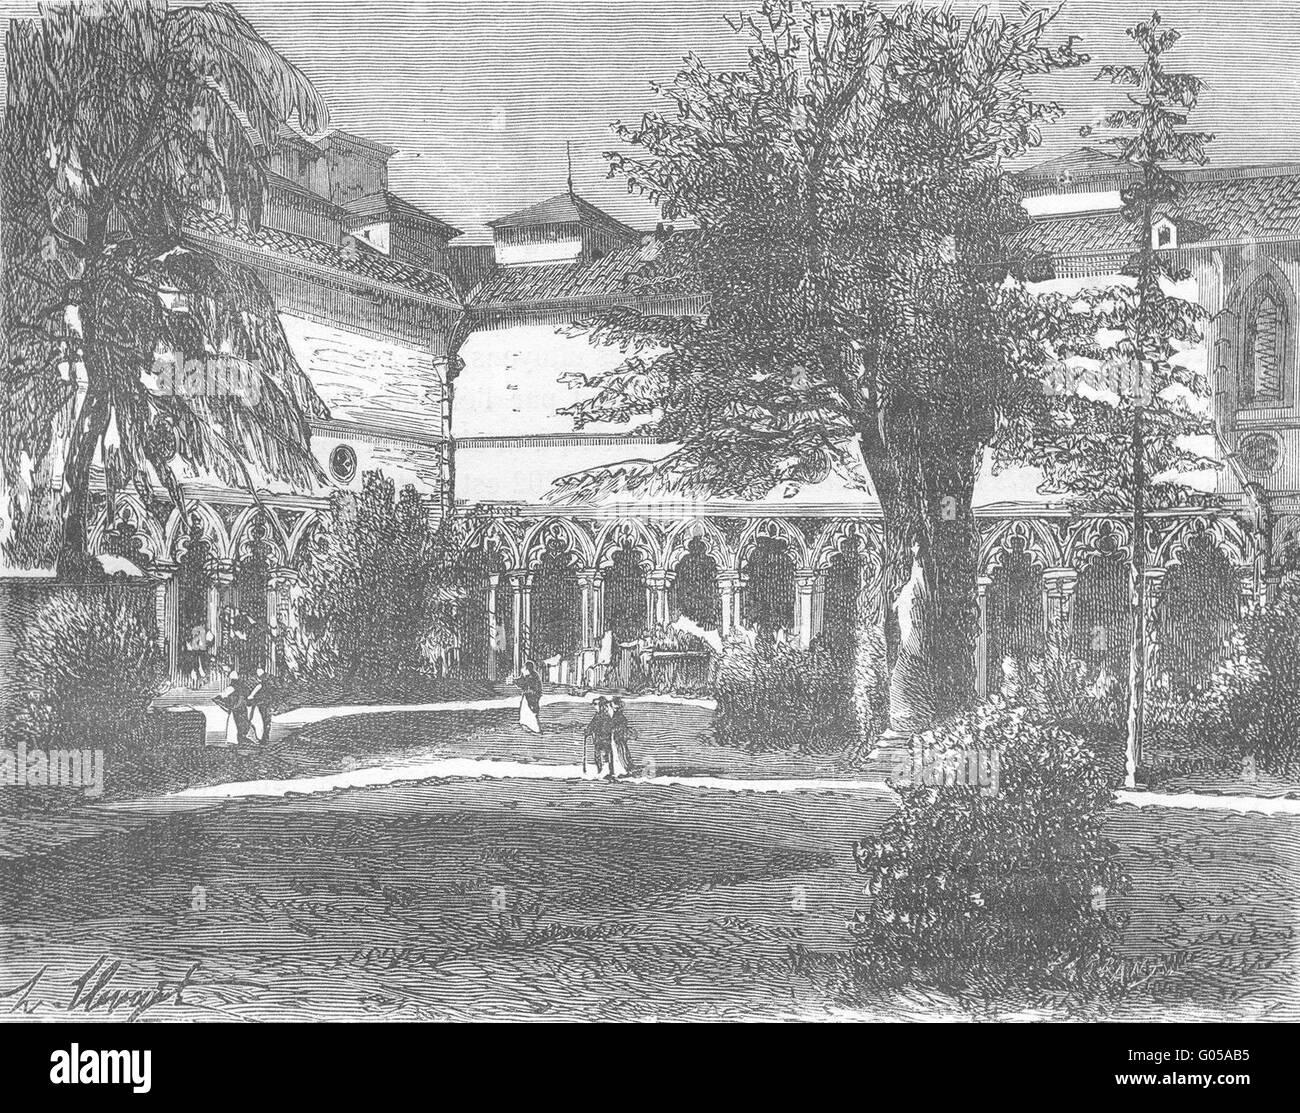 HAUTE-GARONNE: Du Musee de Toulouse, antiken print 1881 Stockbild